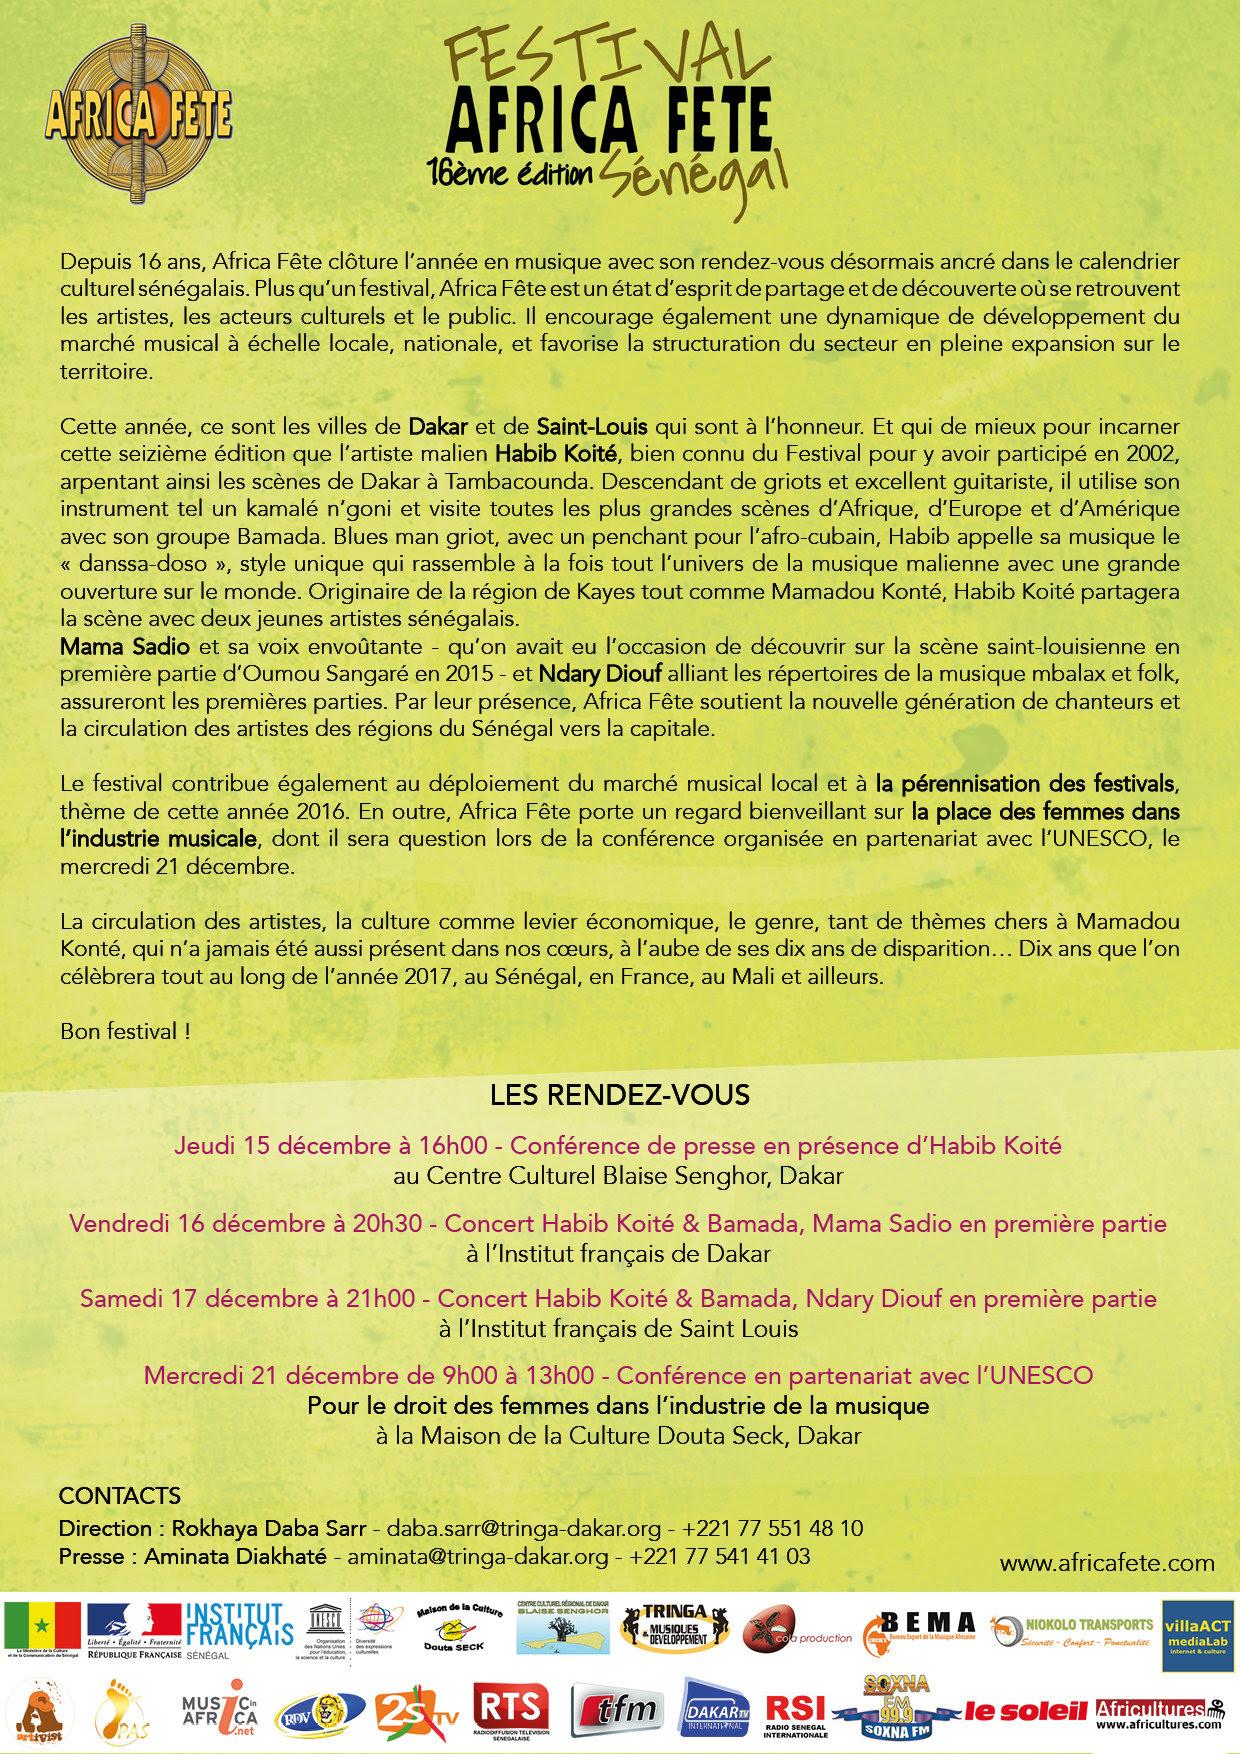 Festival Africa Fête : Habib Koité, Mama Sadio à l'affiche de la 16ème édition